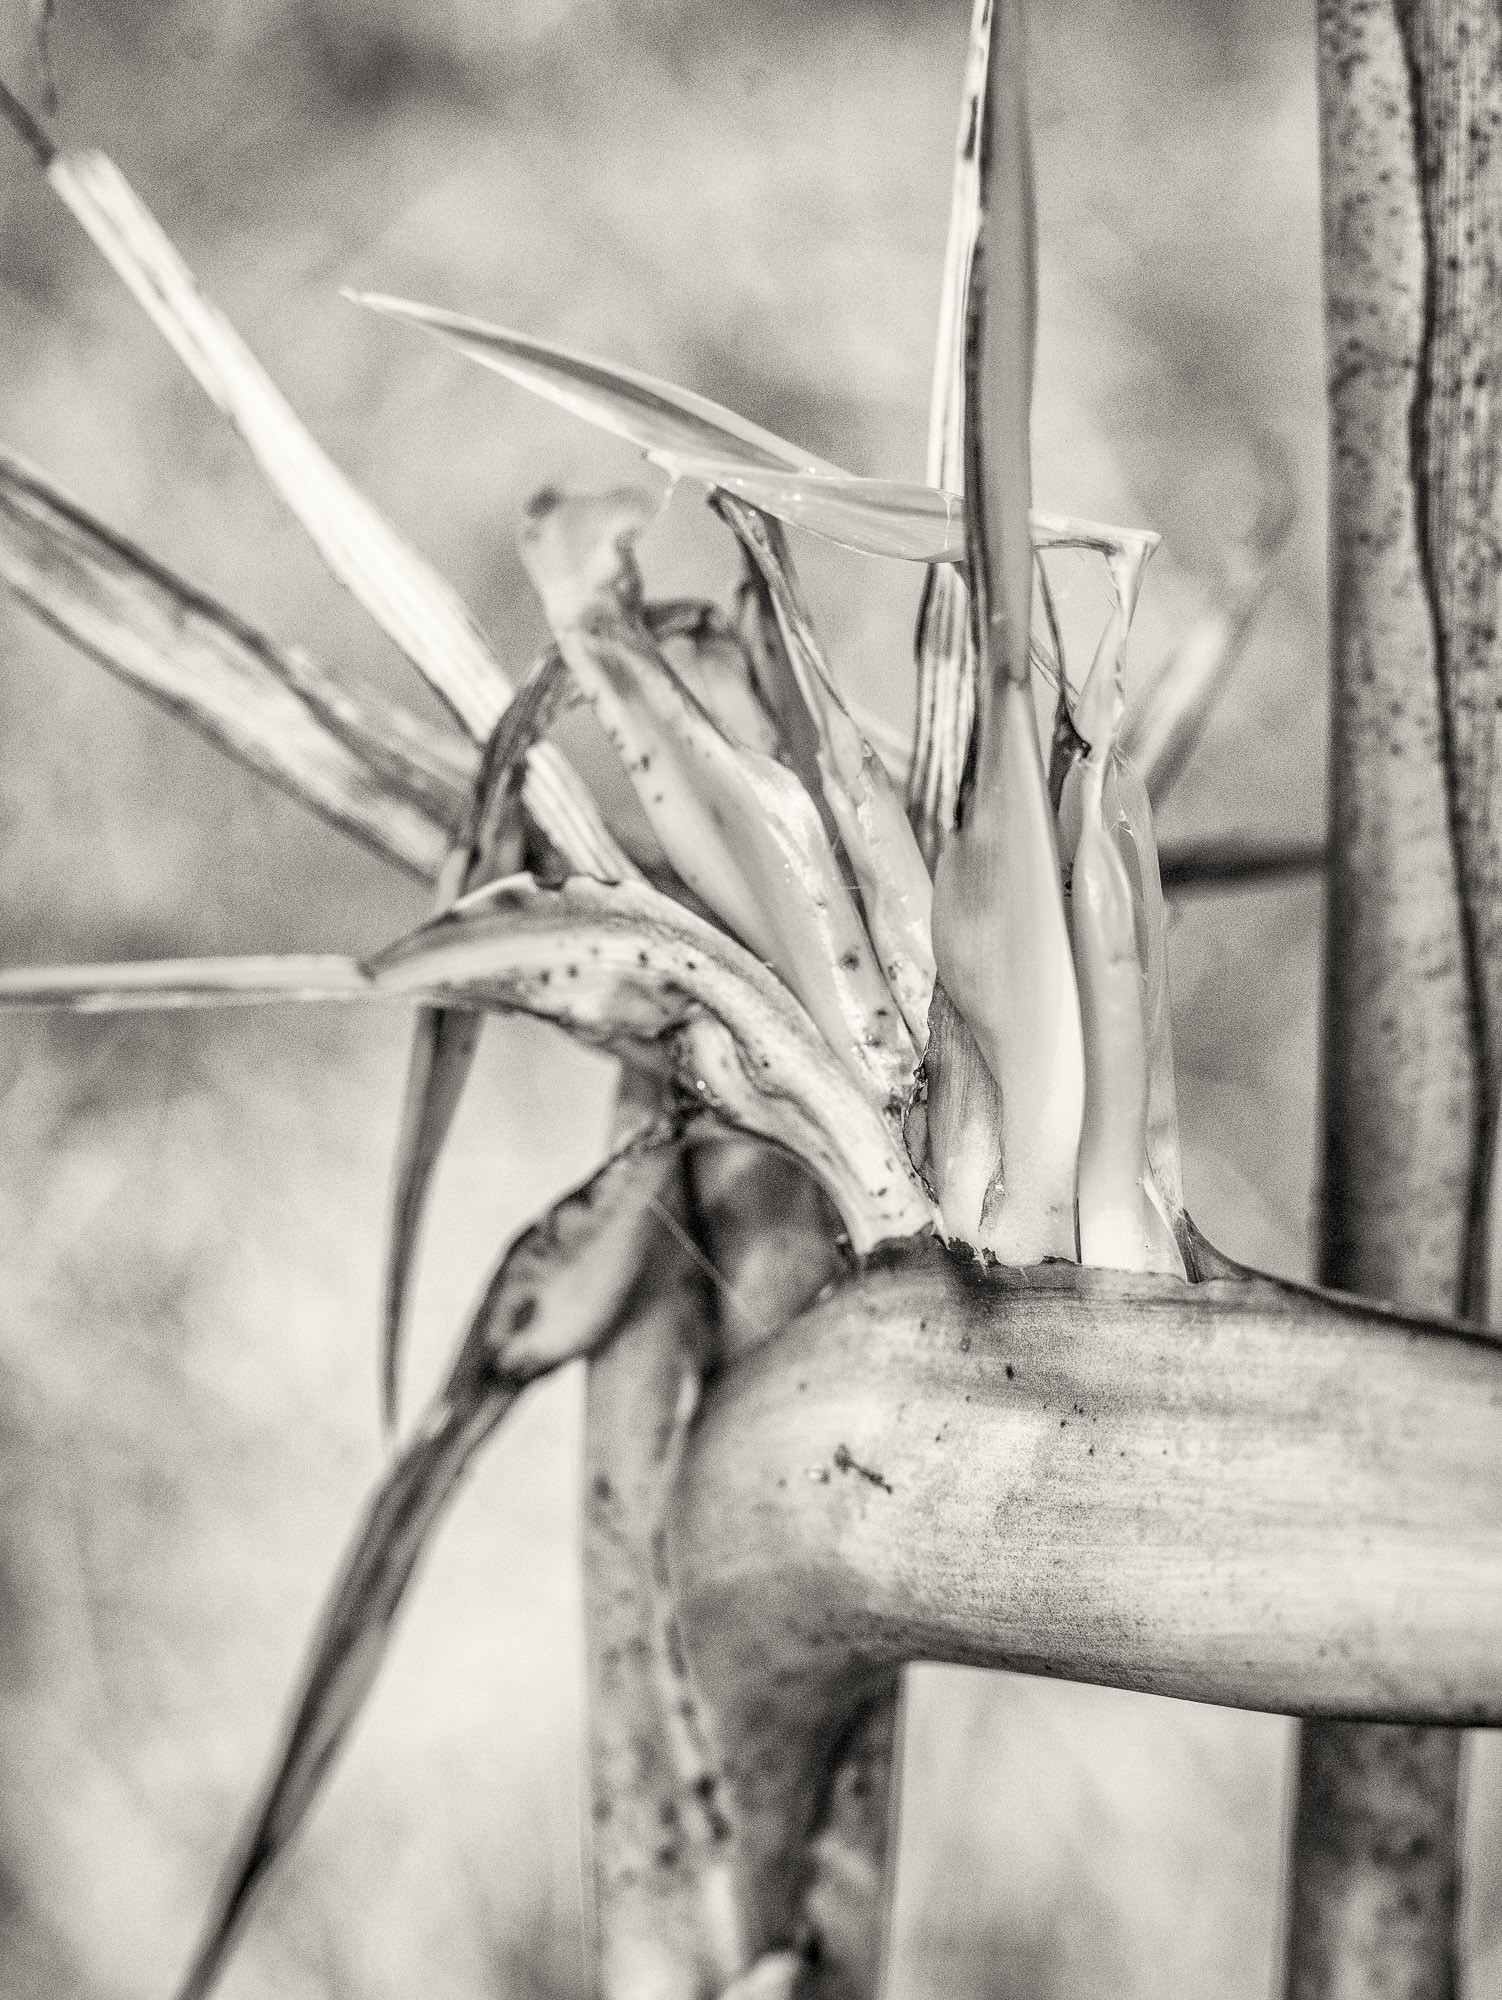 Siddho-Photography-nature-BW-12.jpg